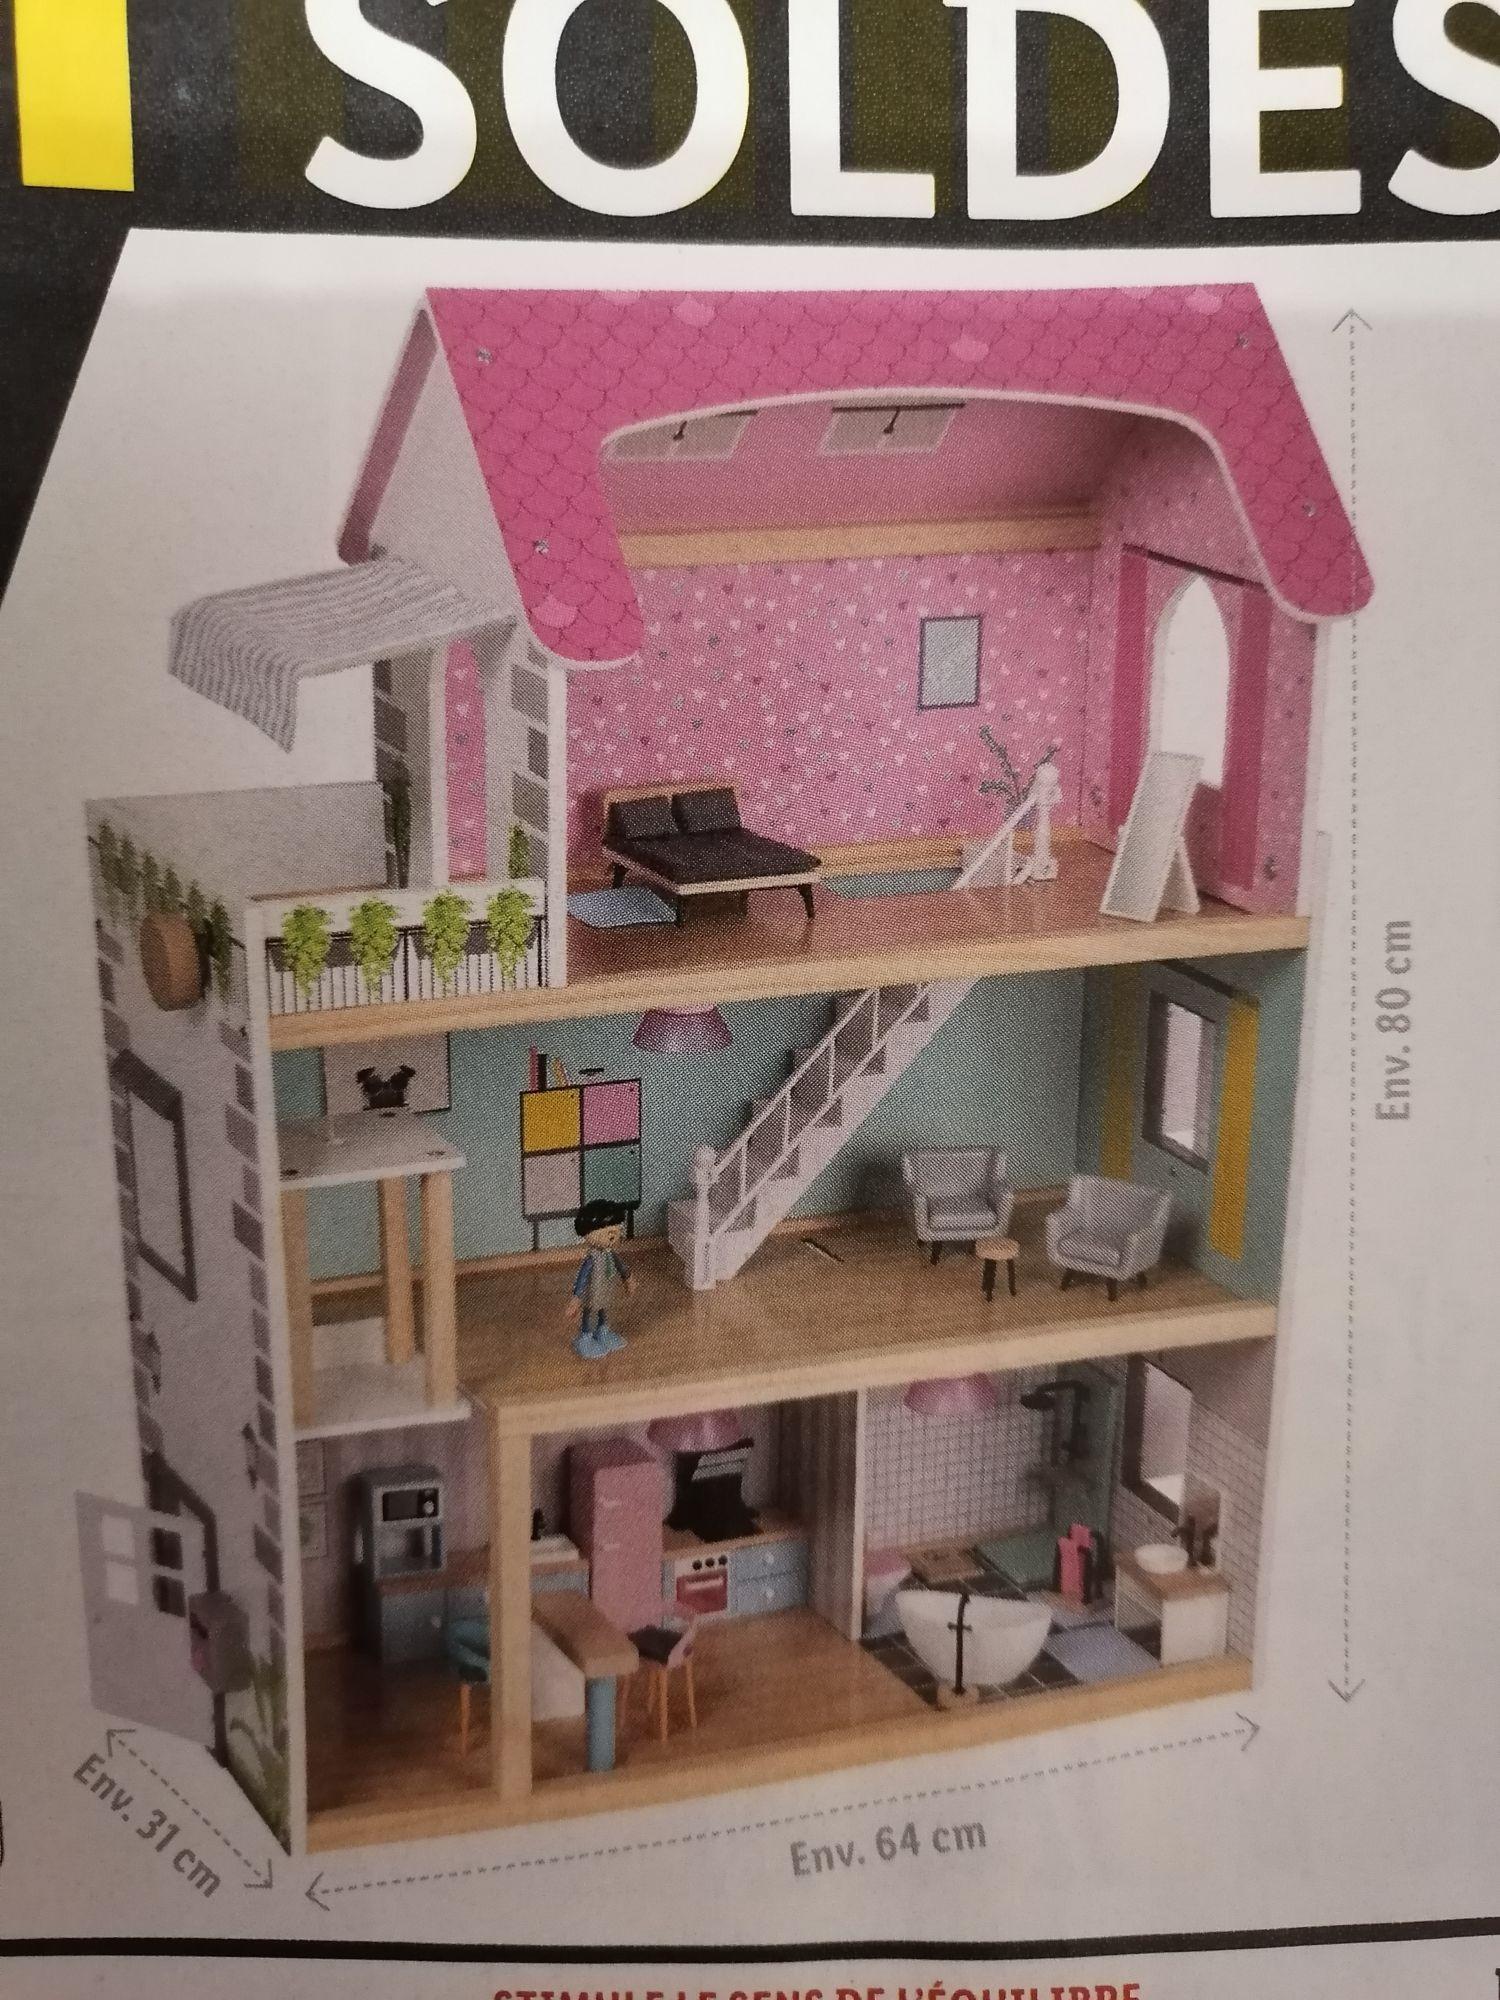 Sélection de produits en promotion - Ex : Maison de poupées en bois + 2 poupées + 31 objets d'ameublement